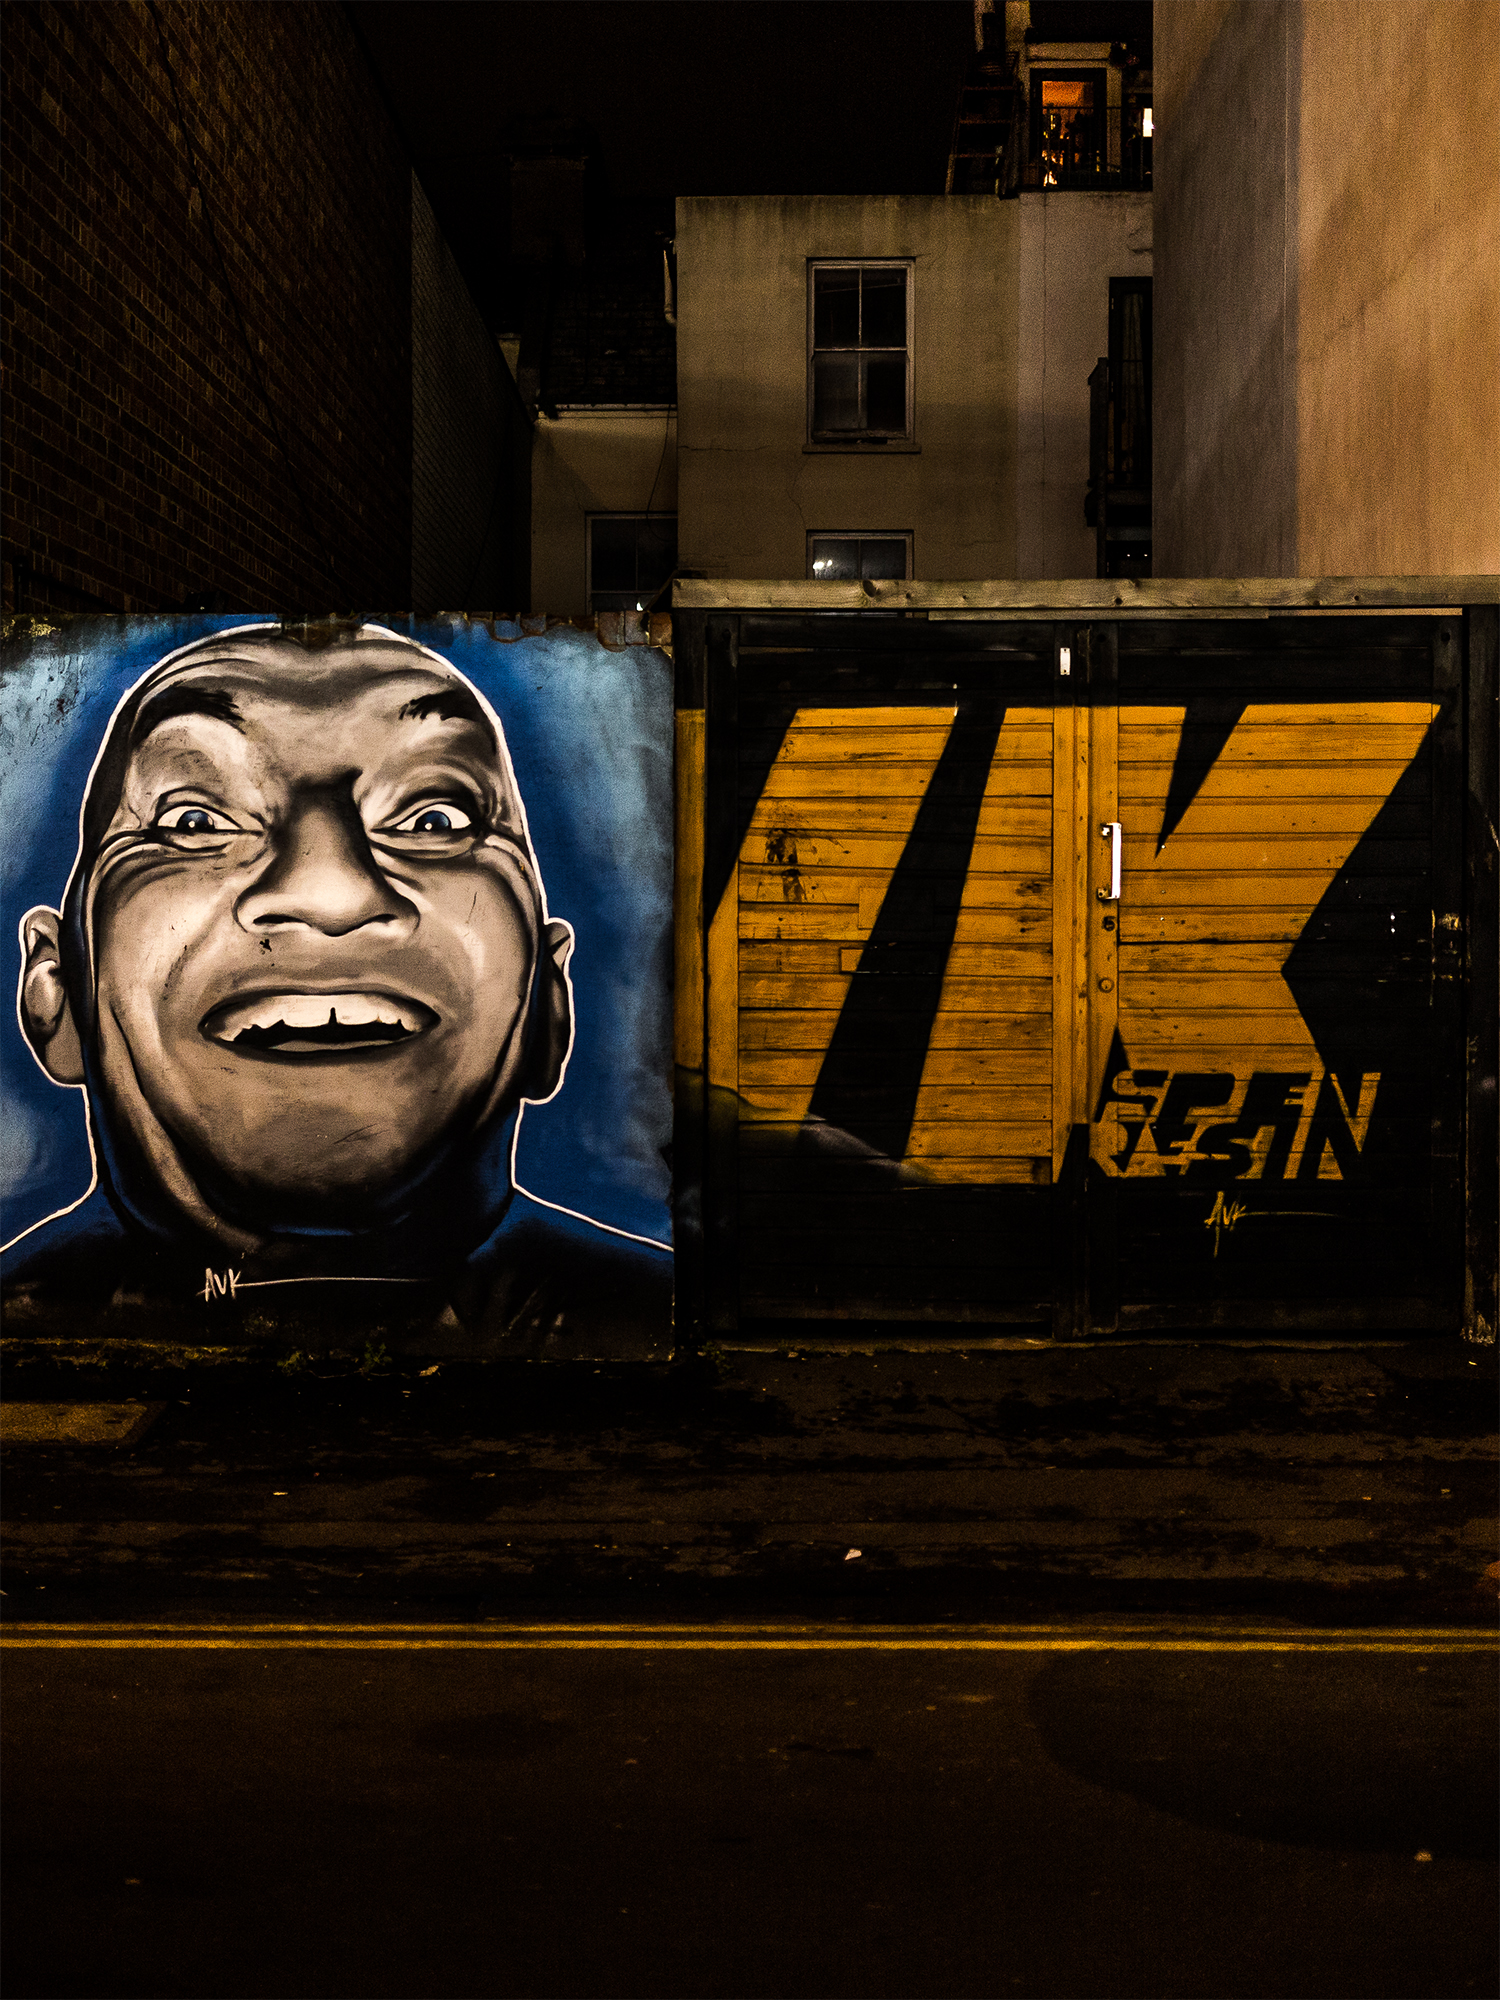 [Foto_Graffiti]